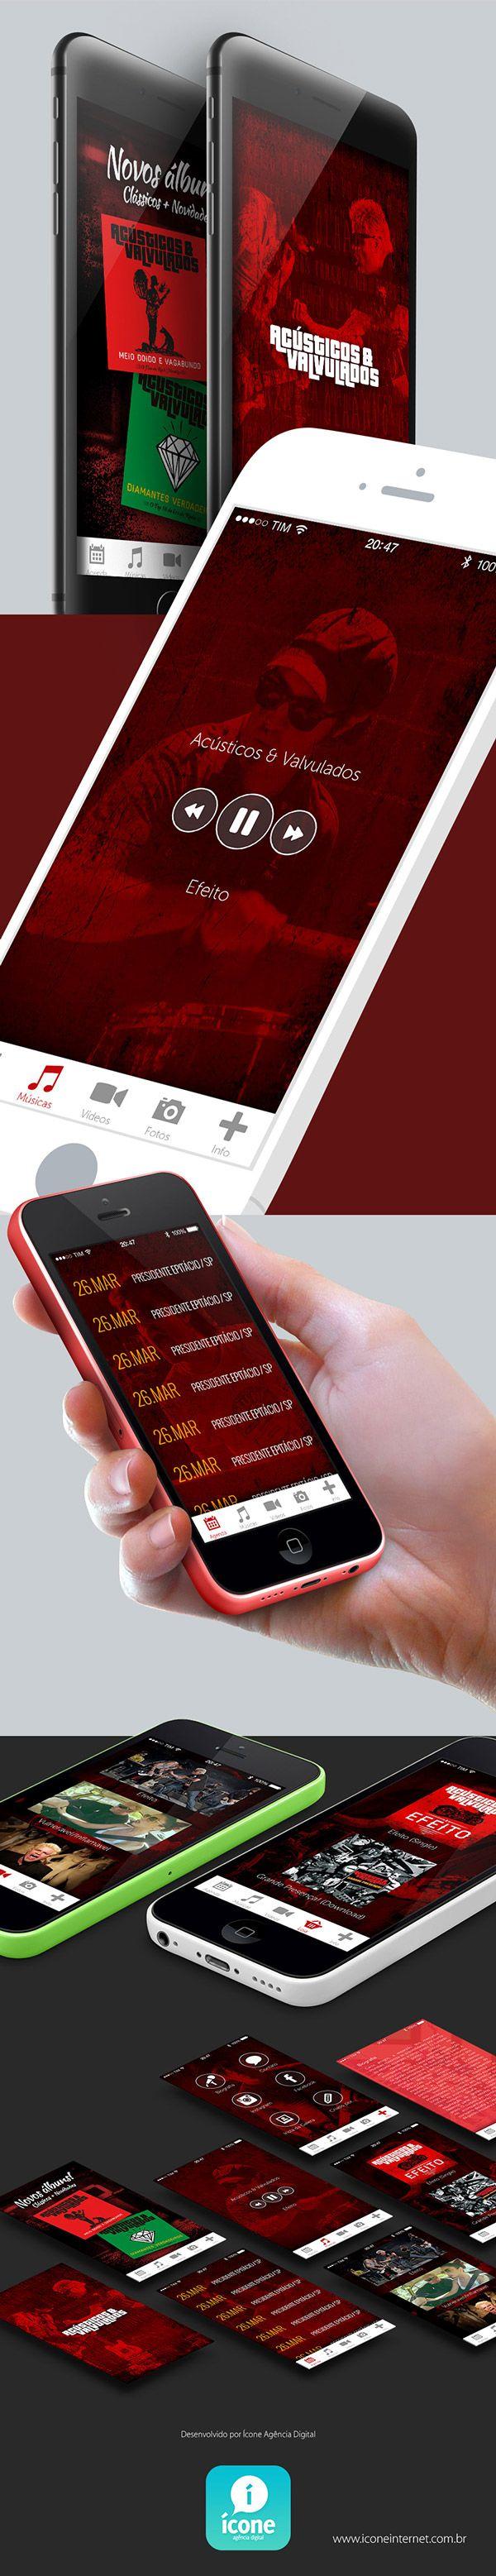 Acústicos & Valvulados - App on Behance